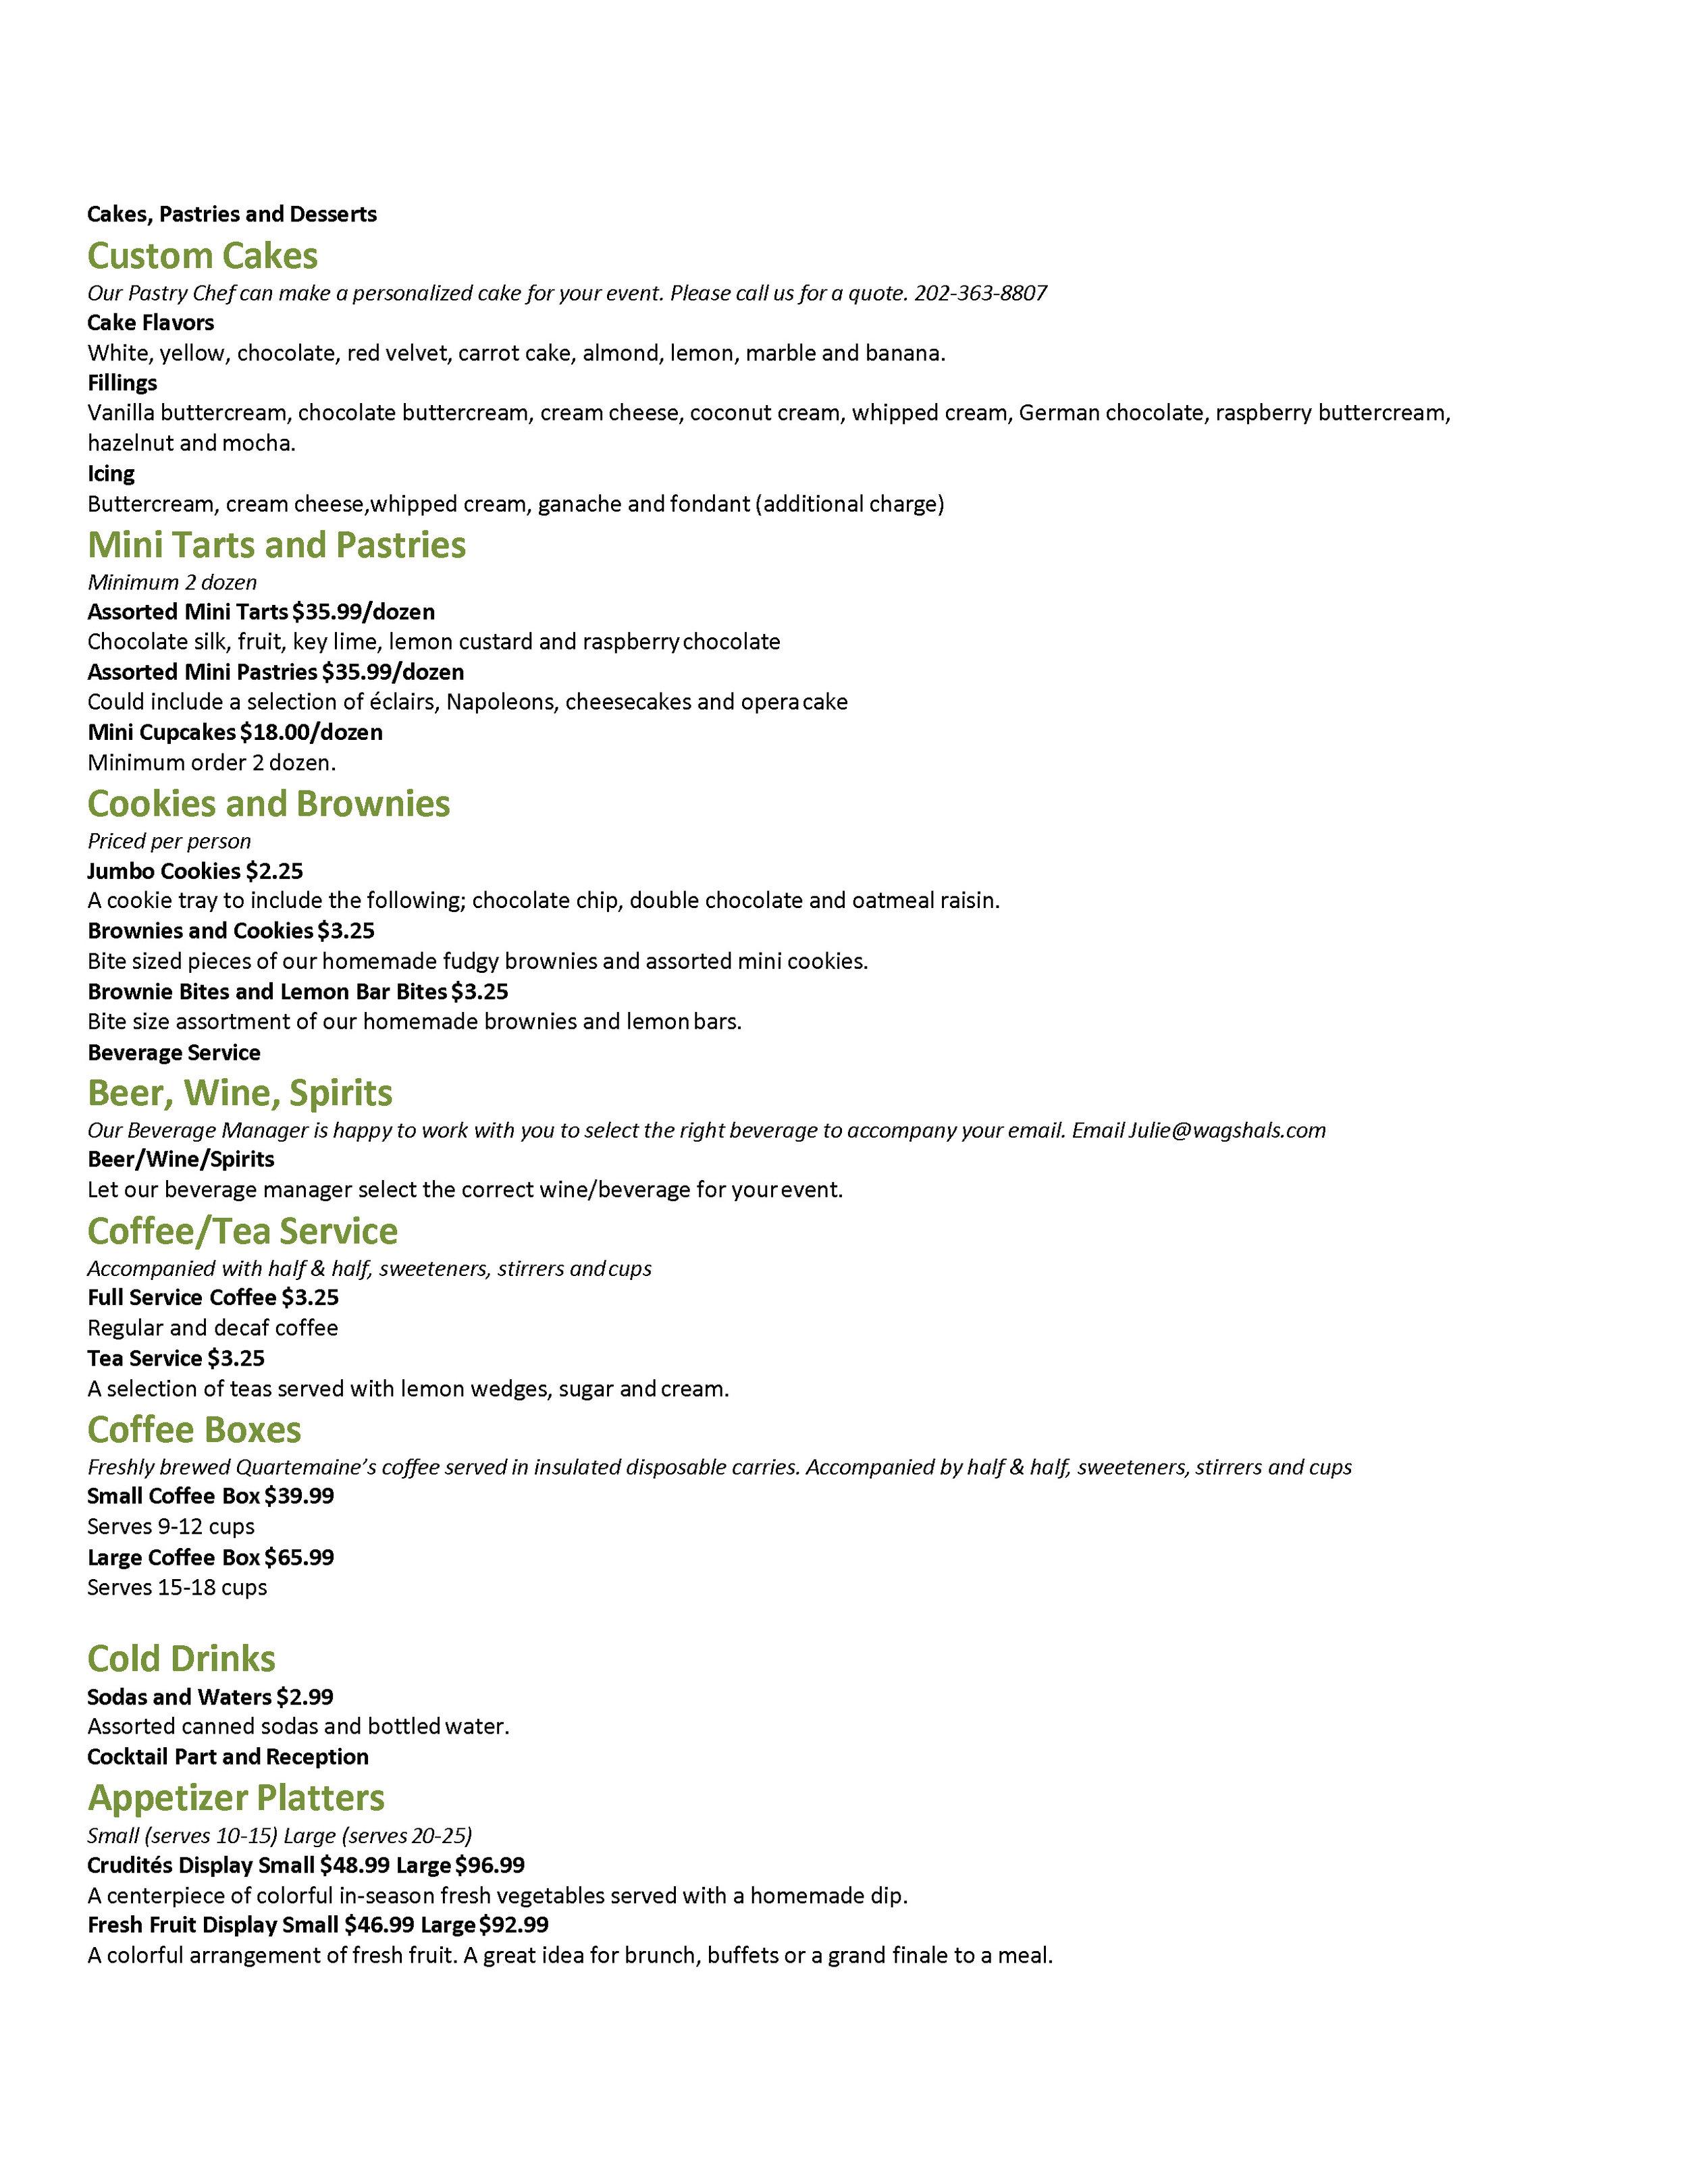 SpringValley Catering Menu_Page_4.jpg